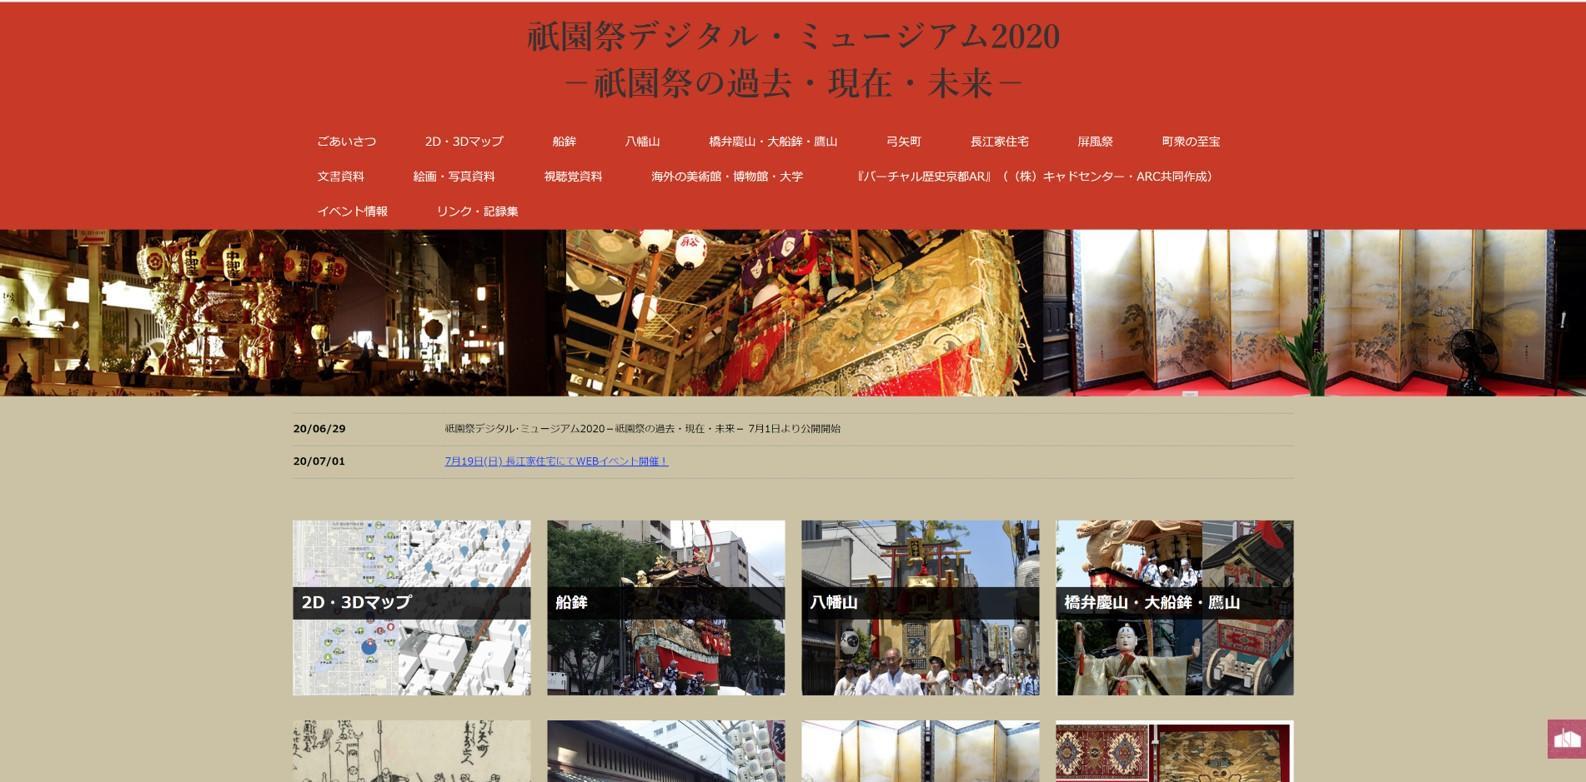 新型コロナウイルス感染拡大防止のため多くの関連行事が中止となった祇園祭をWEBで体験する「祇園祭デジタル・ミュージアム2020」を公開 -- 立命館大学